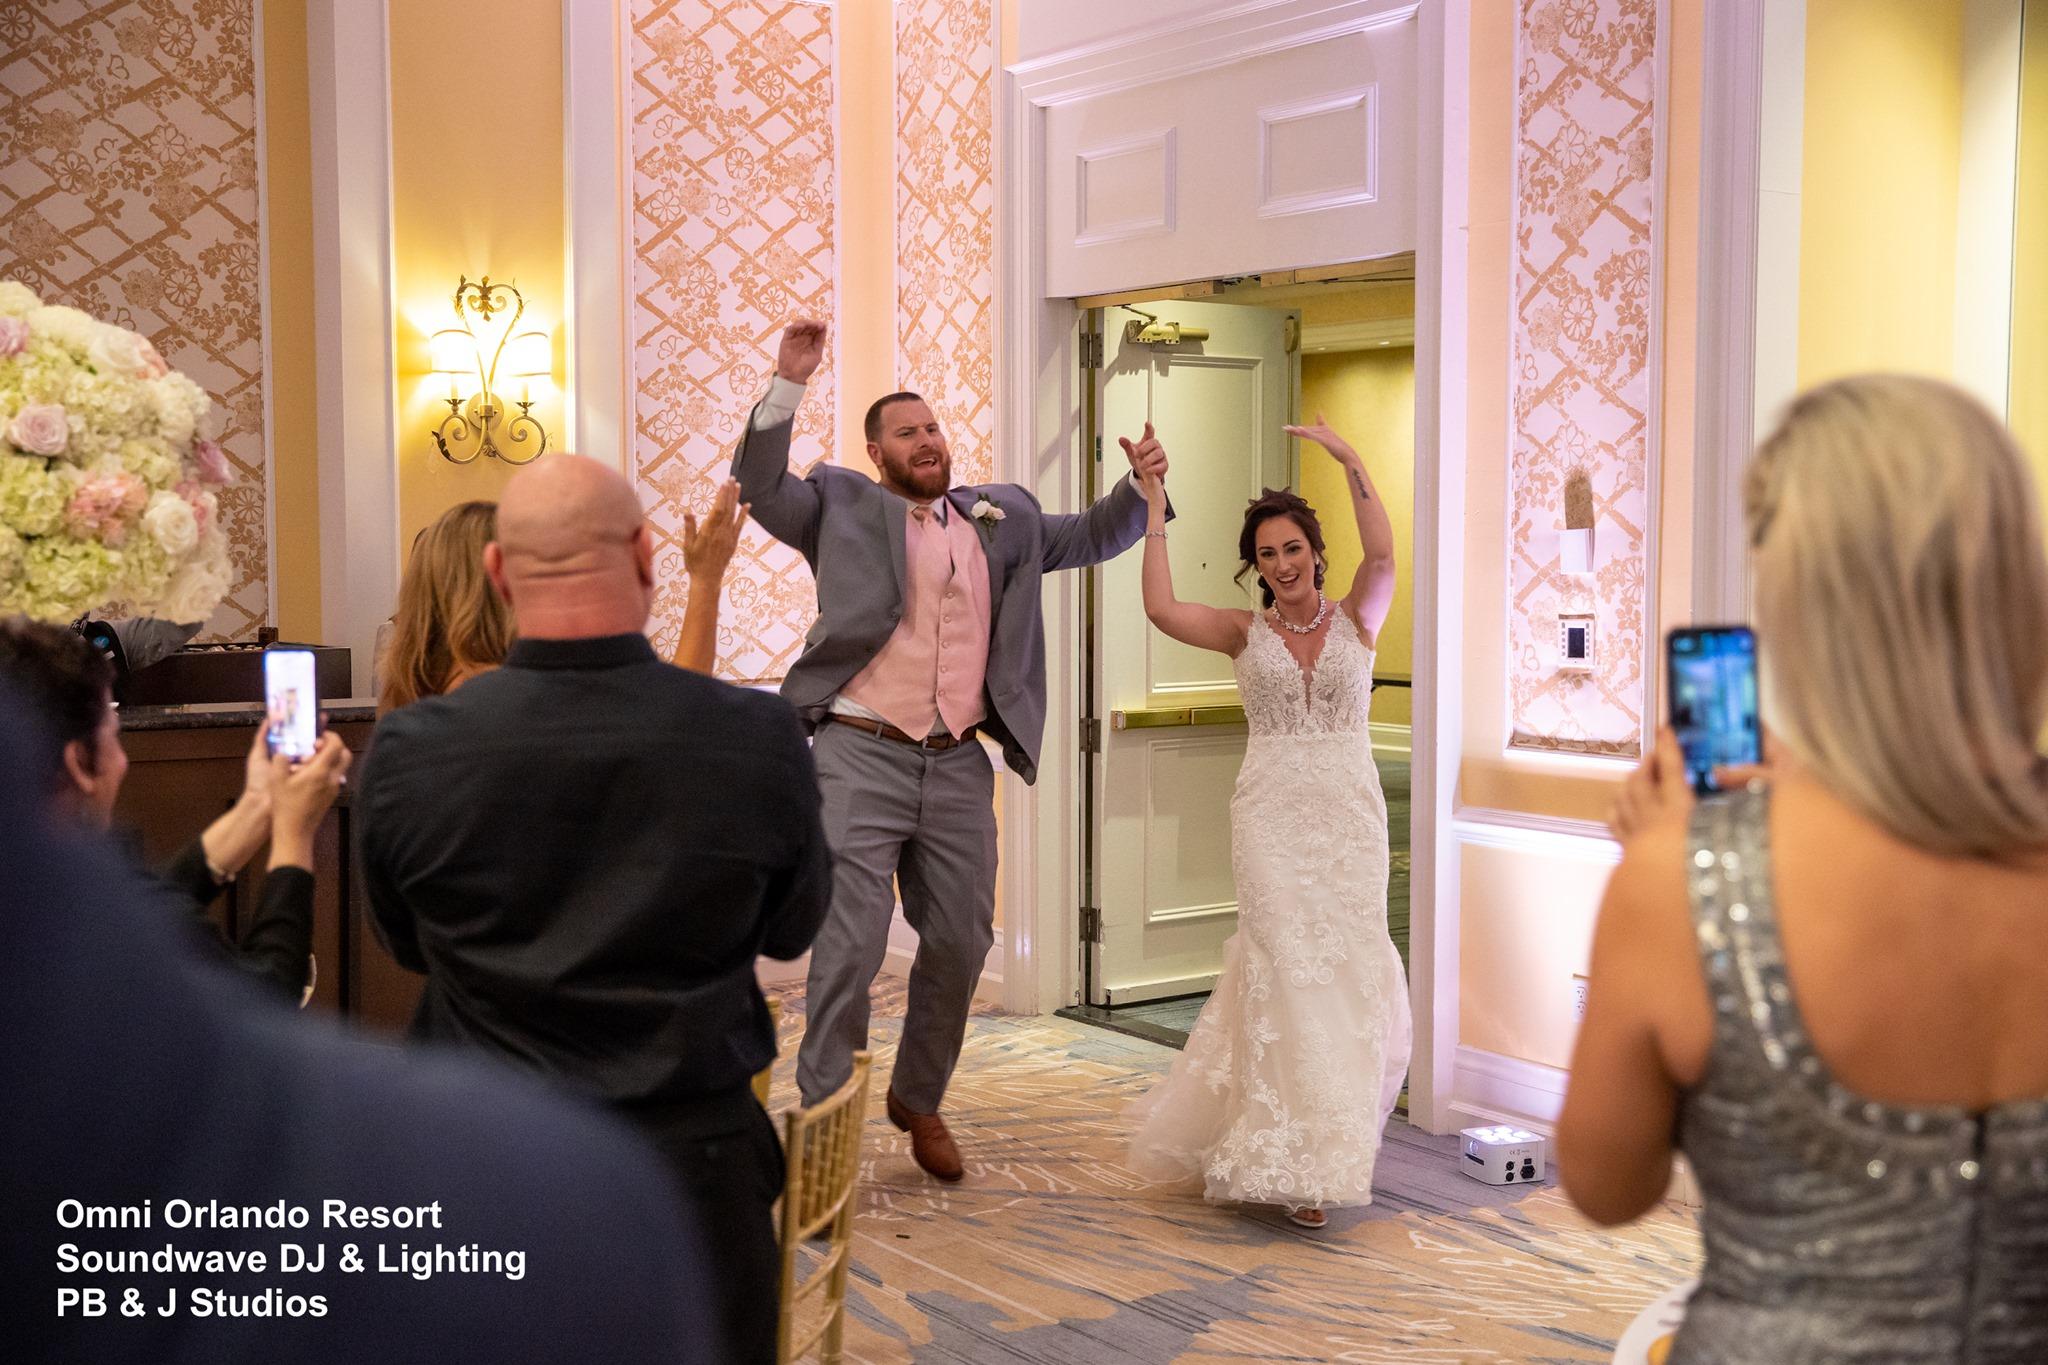 Omni Wedding Central Florida Soundwave Bride Groom